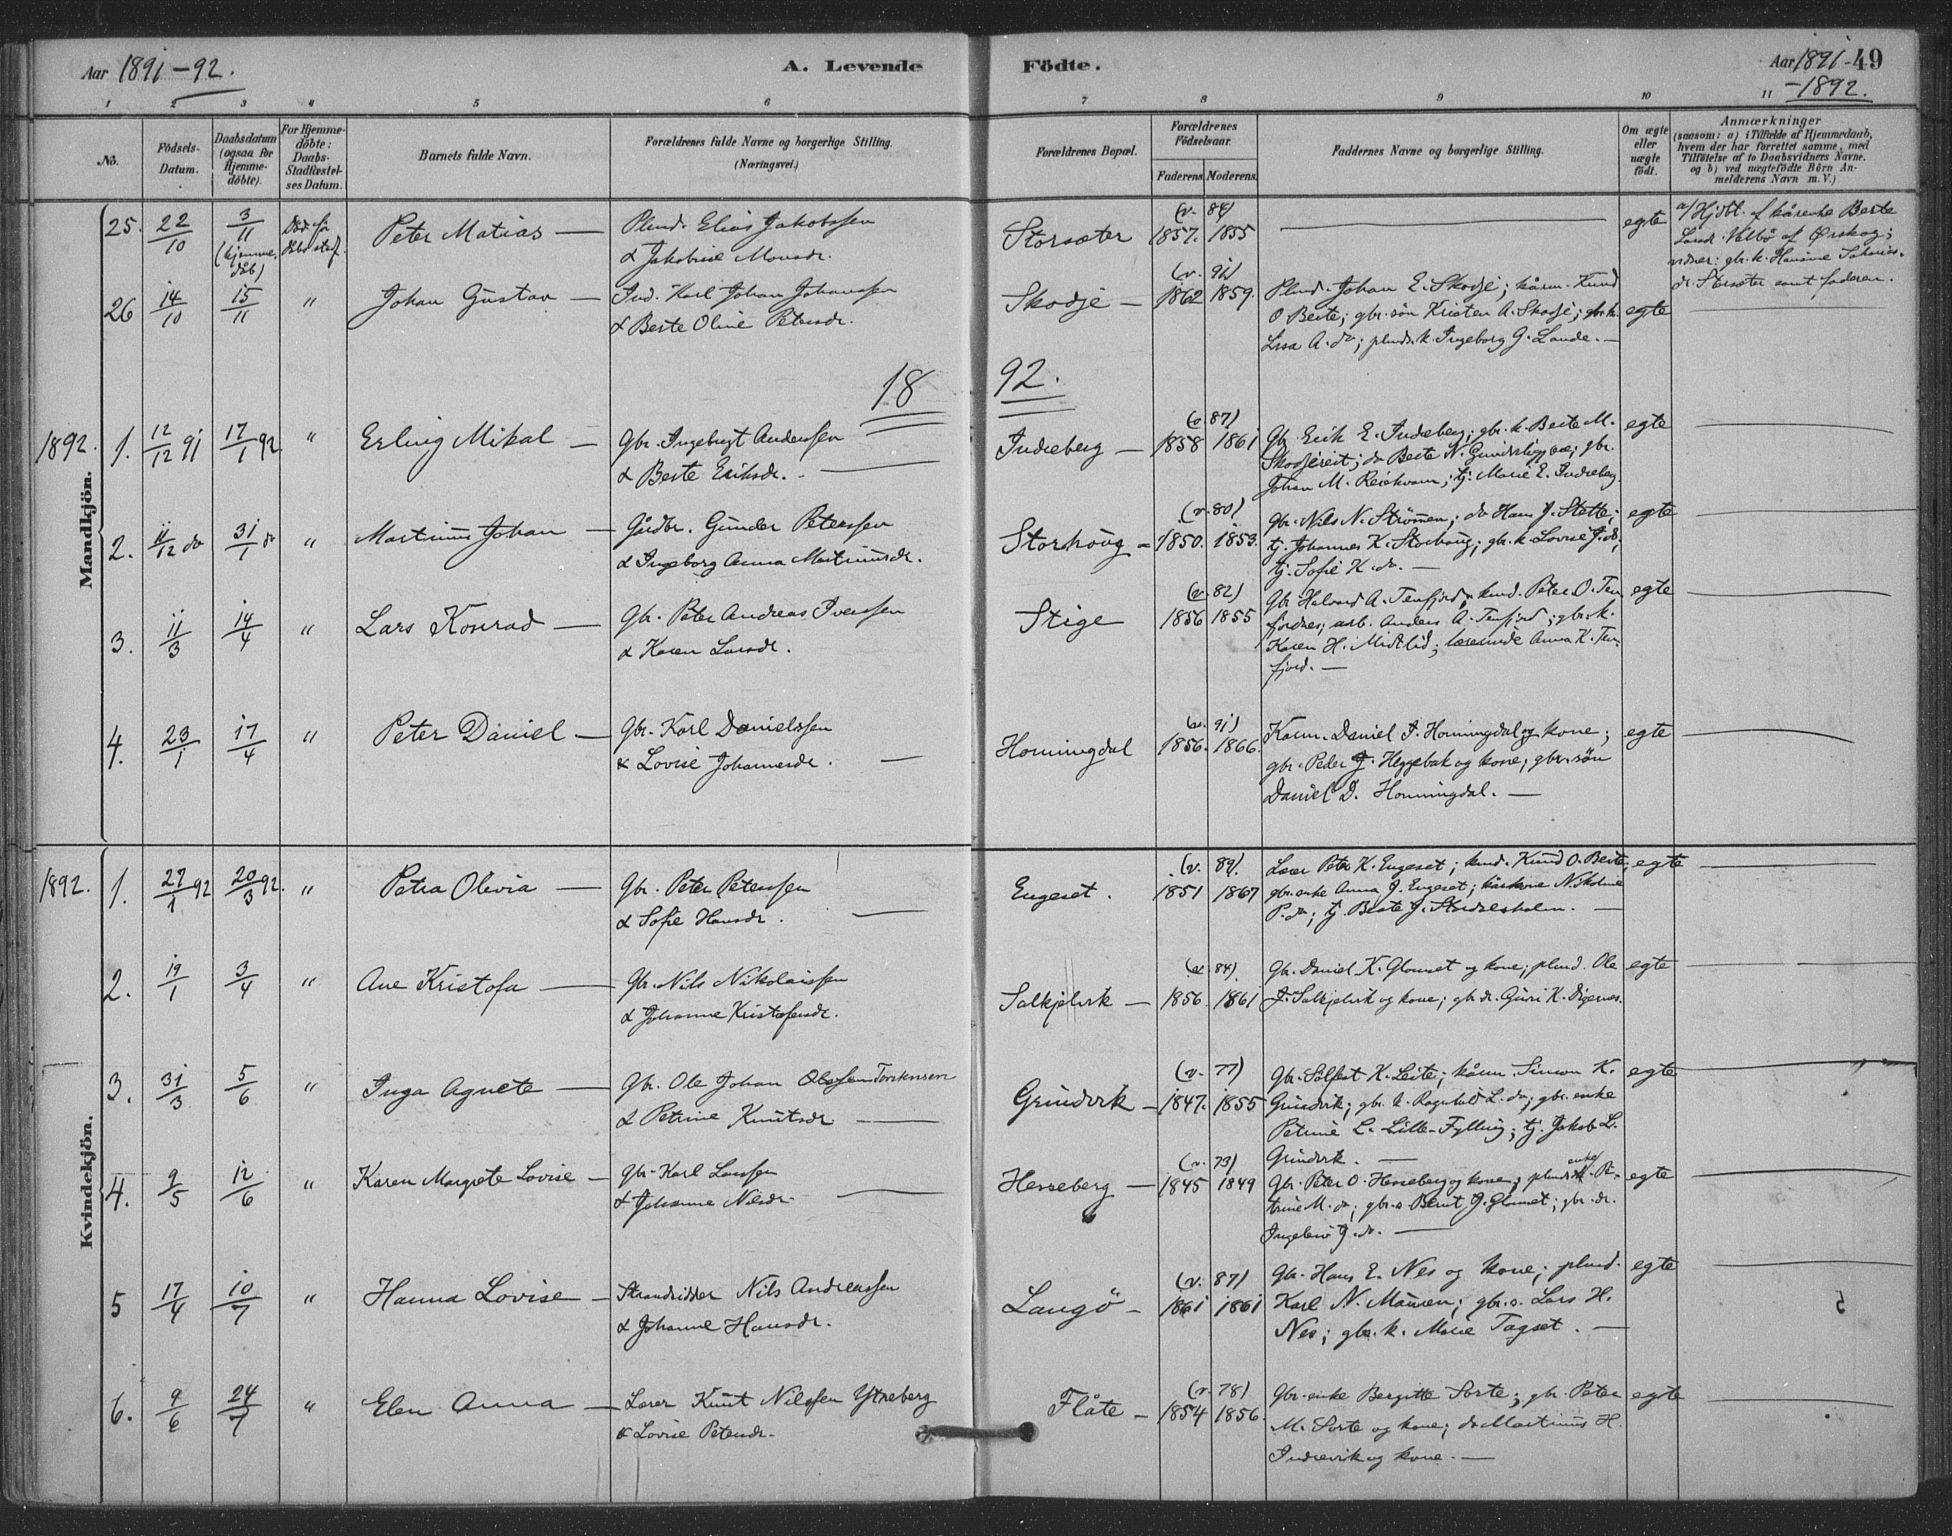 SAT, Ministerialprotokoller, klokkerbøker og fødselsregistre - Møre og Romsdal, 524/L0356: Ministerialbok nr. 524A08, 1880-1899, s. 49